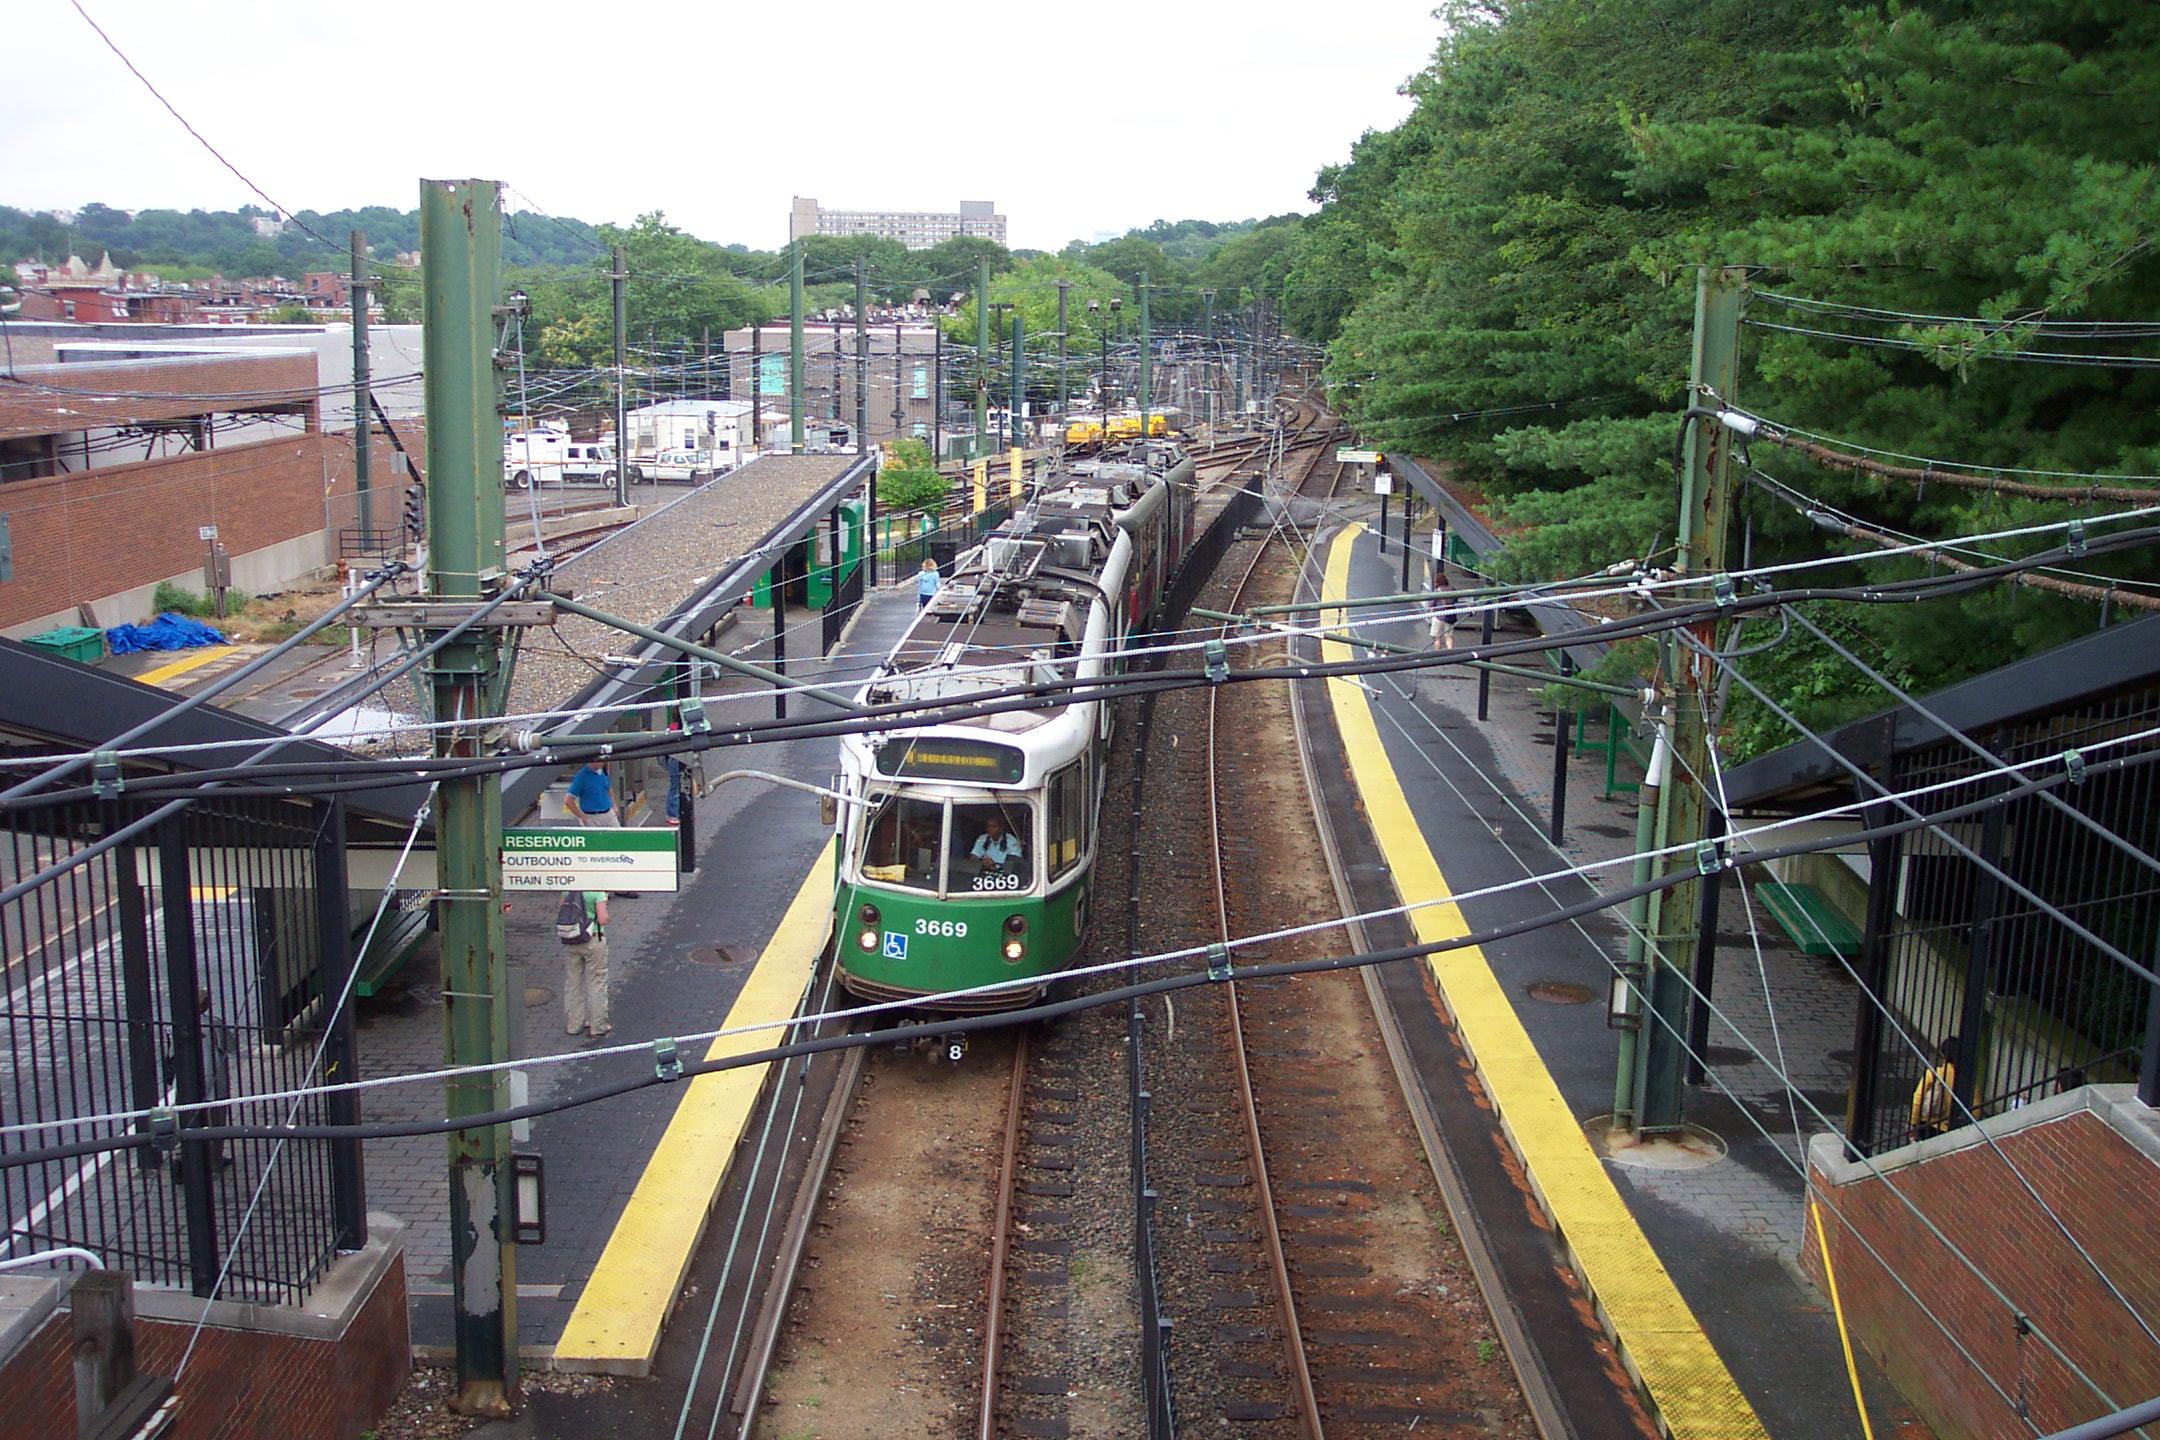 U-Straßenbahn der Green Line in der Station Reservoir